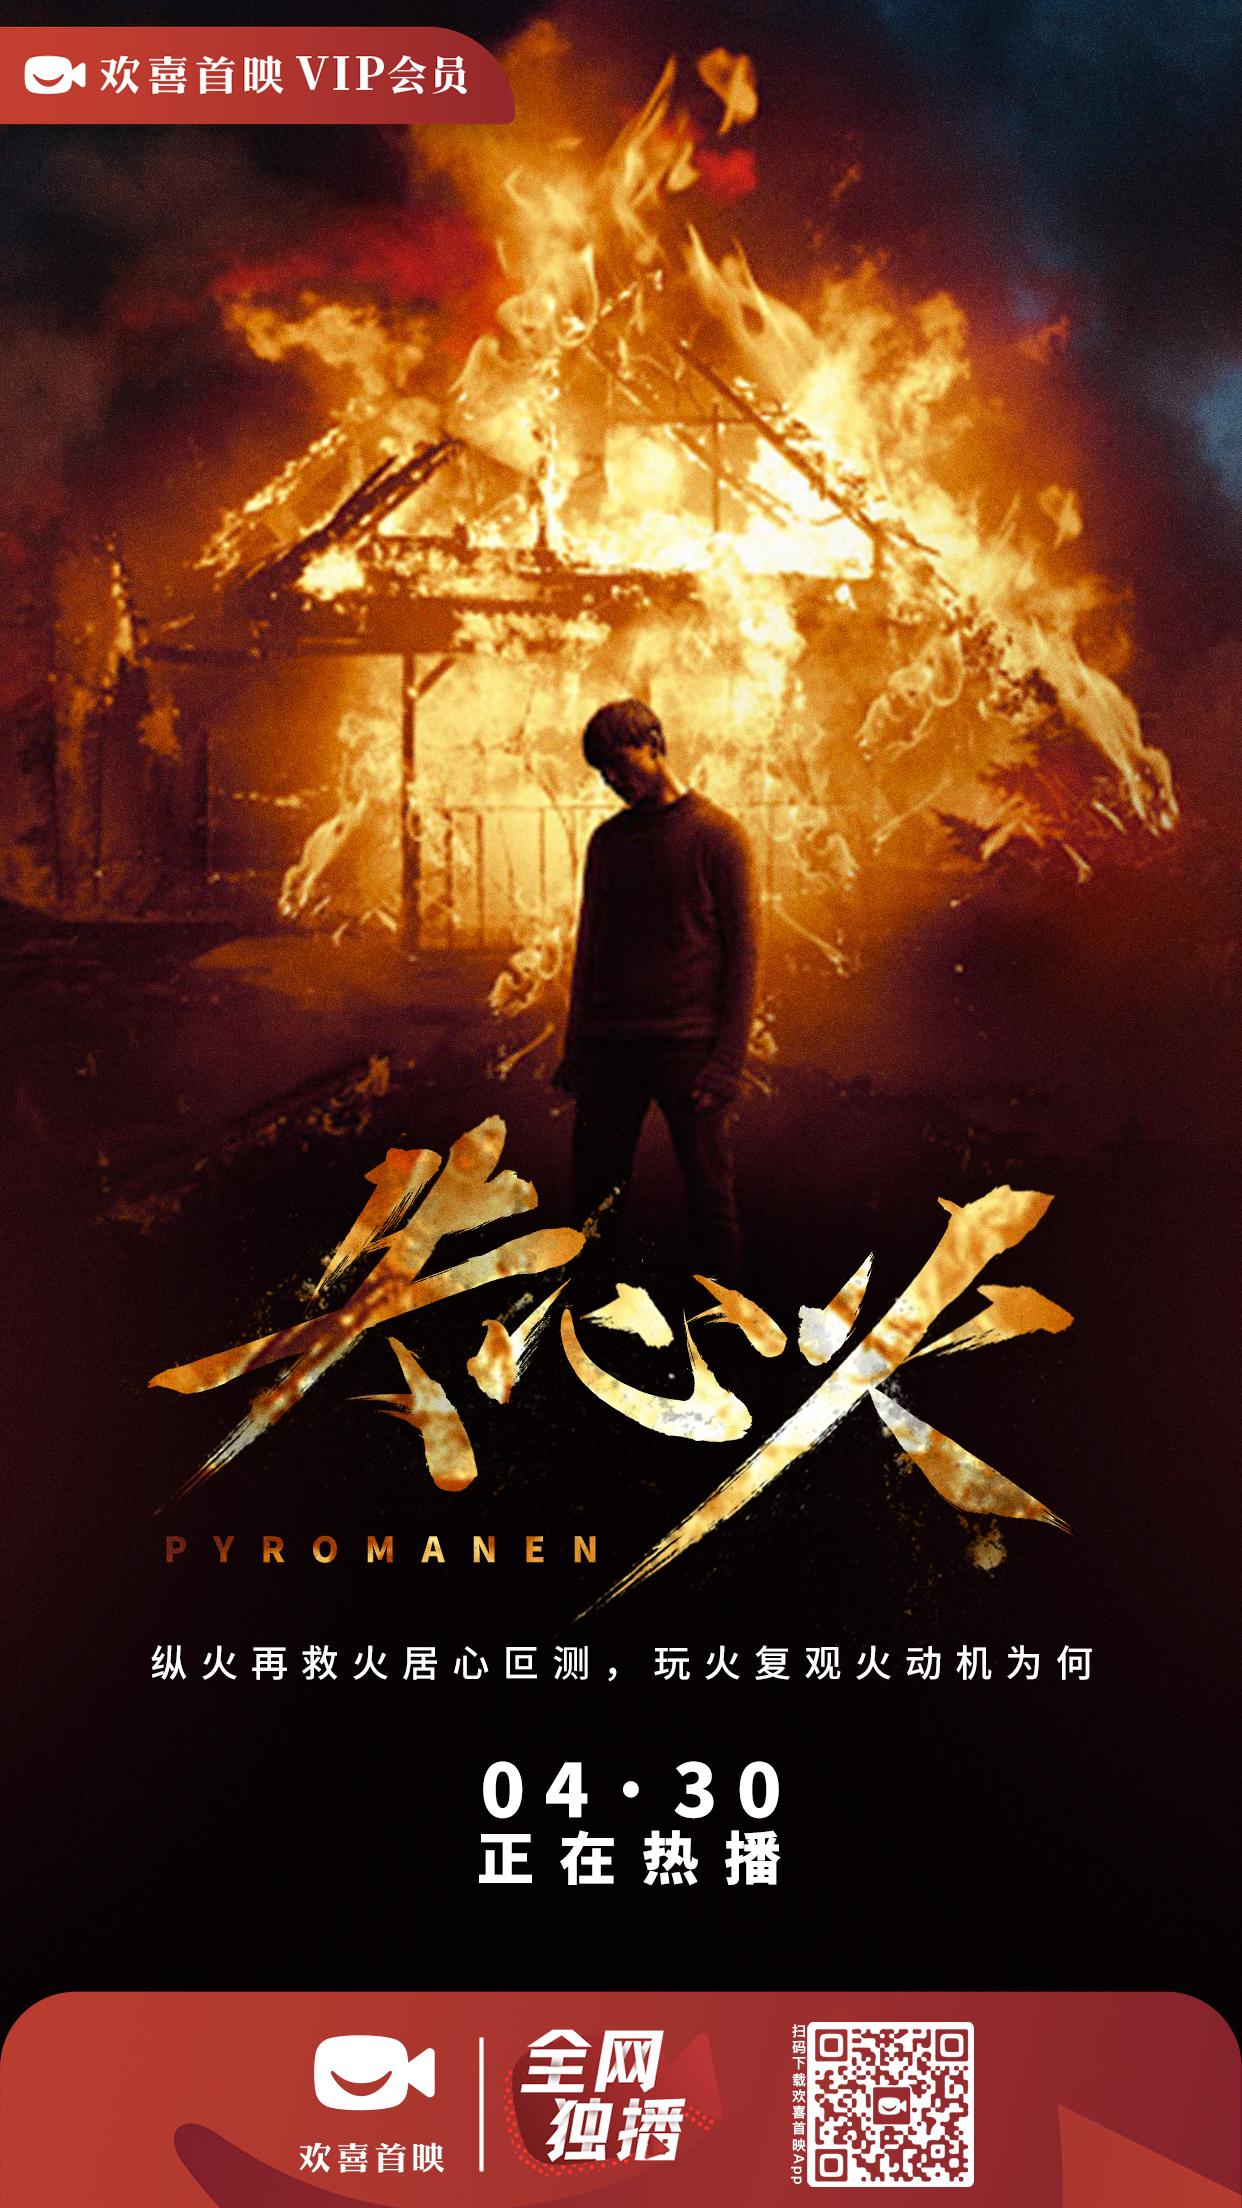 消防员纵火悬念丛生,电影《失心火》上线欢喜首映APP 独家热播